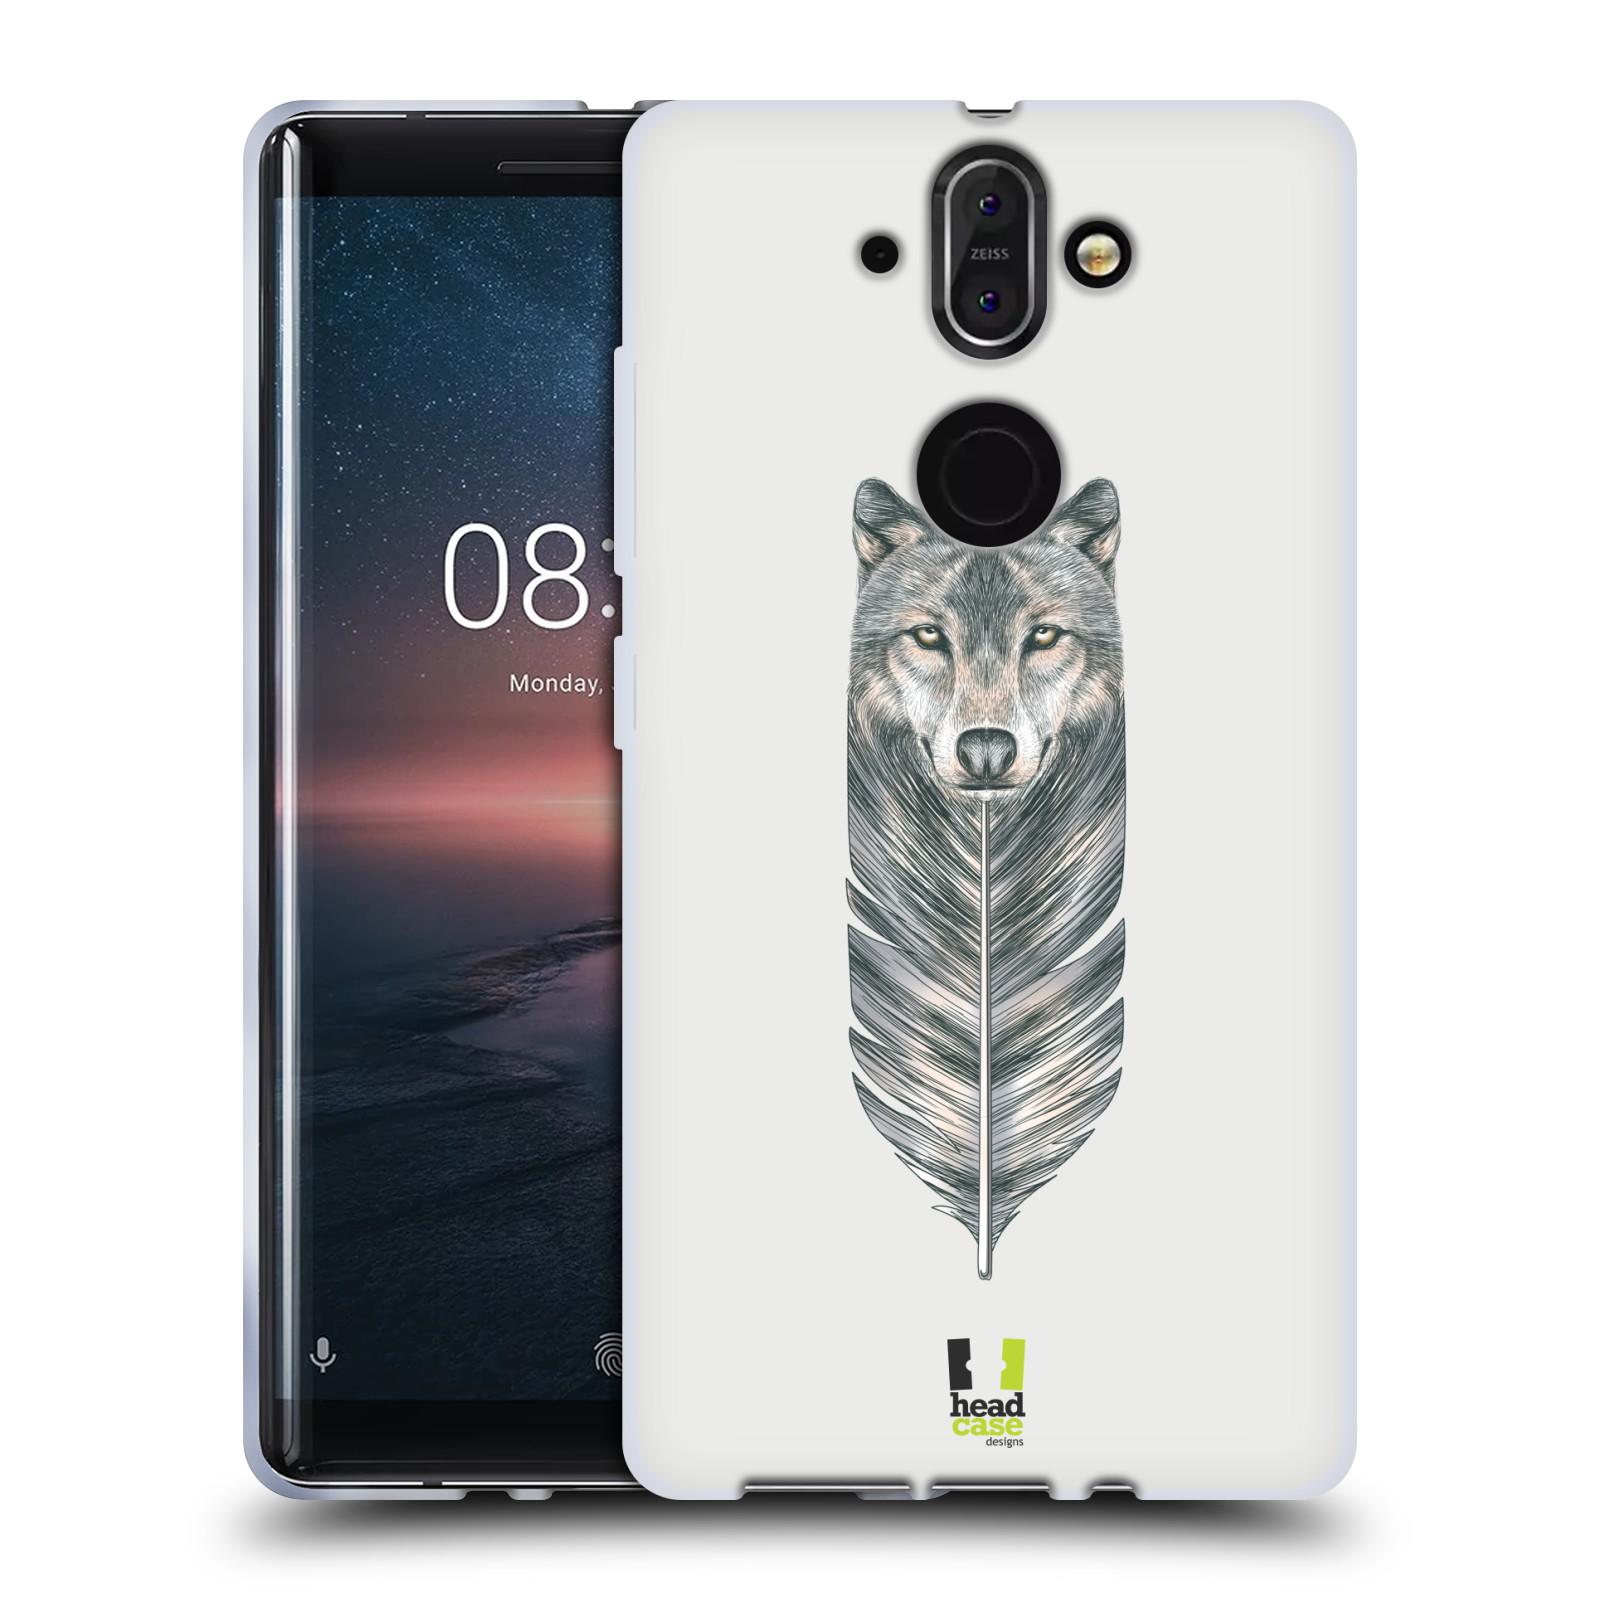 Silikonové pouzdro na mobil Nokia 8 Sirocco - Head Case - PÍRKO VLK (Silikonový kryt či obal na mobilní telefon Nokia 8 Sirocco s motivem PÍRKO VLK)